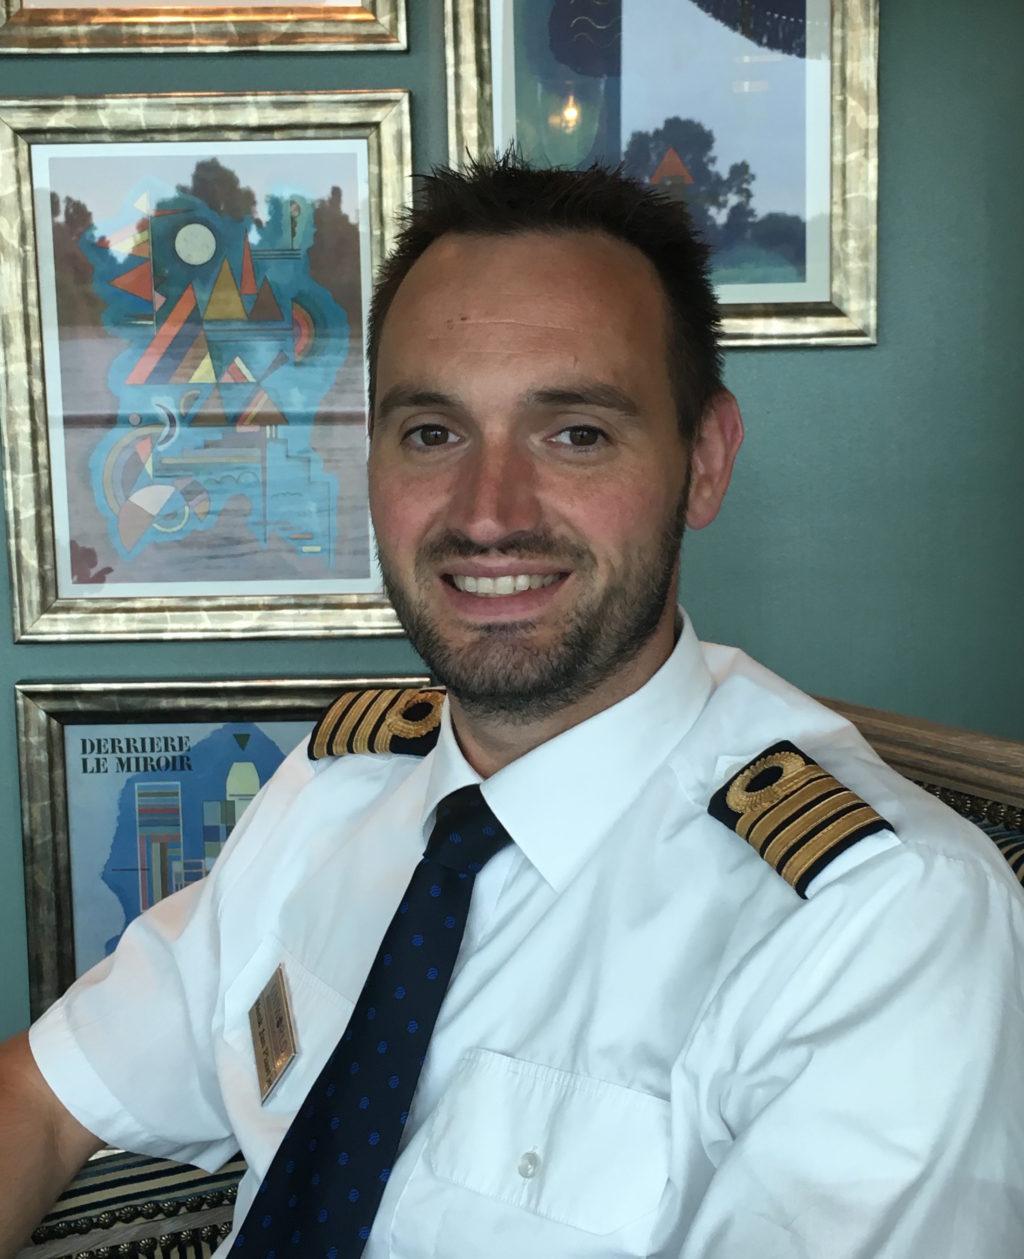 Uniworld Captain Henk Jan Plaatje * Photo: Heidi Sarna